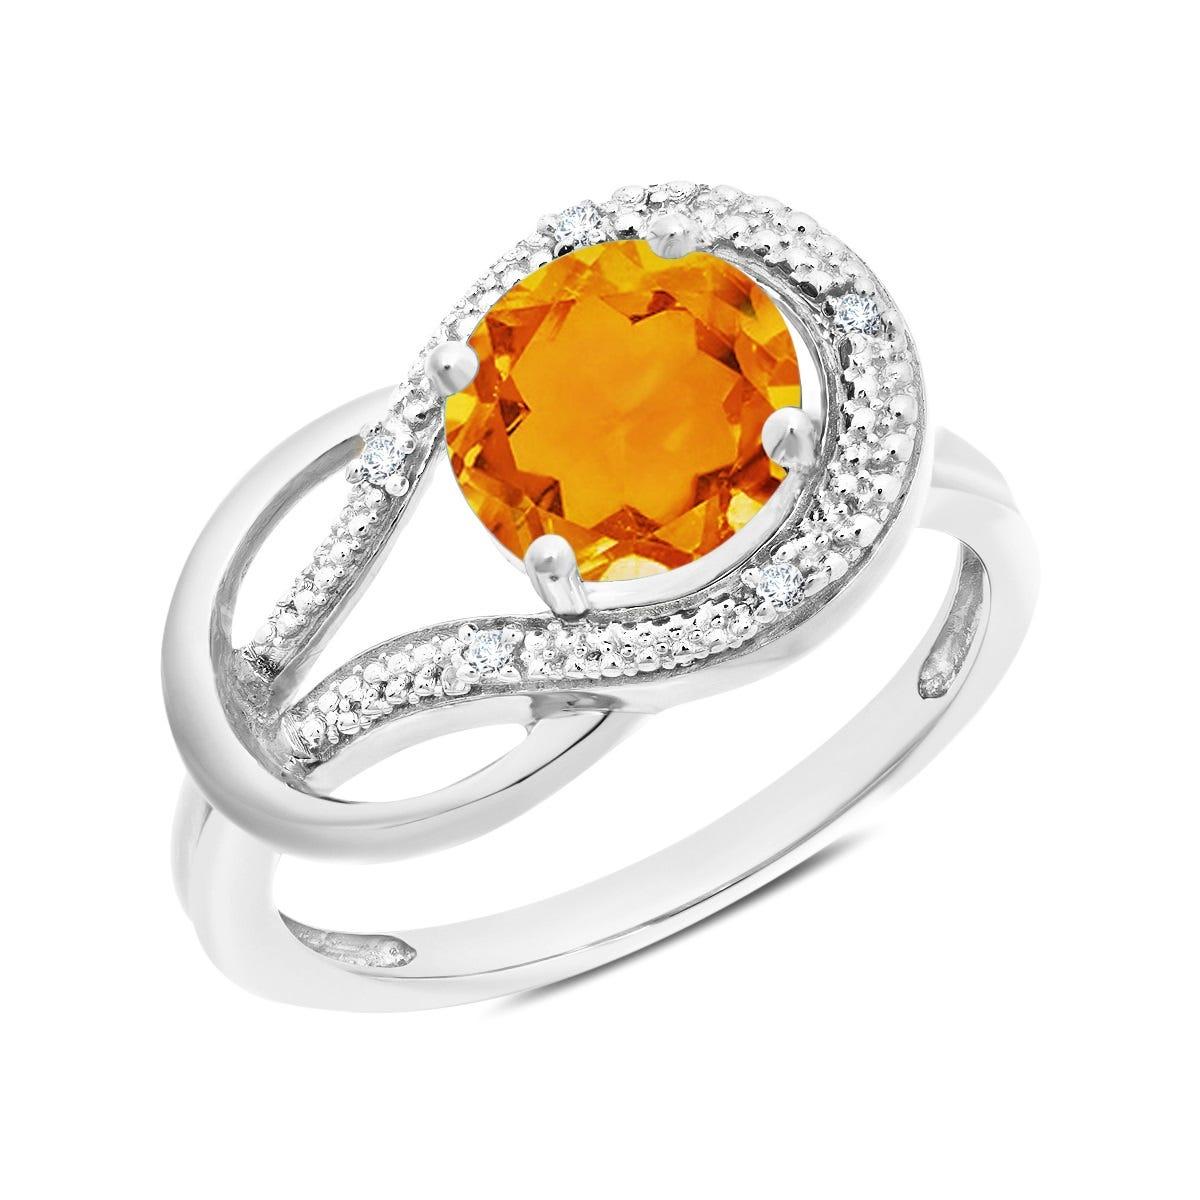 Citrine & Diamond Love Knot Ring in 10k White Gold